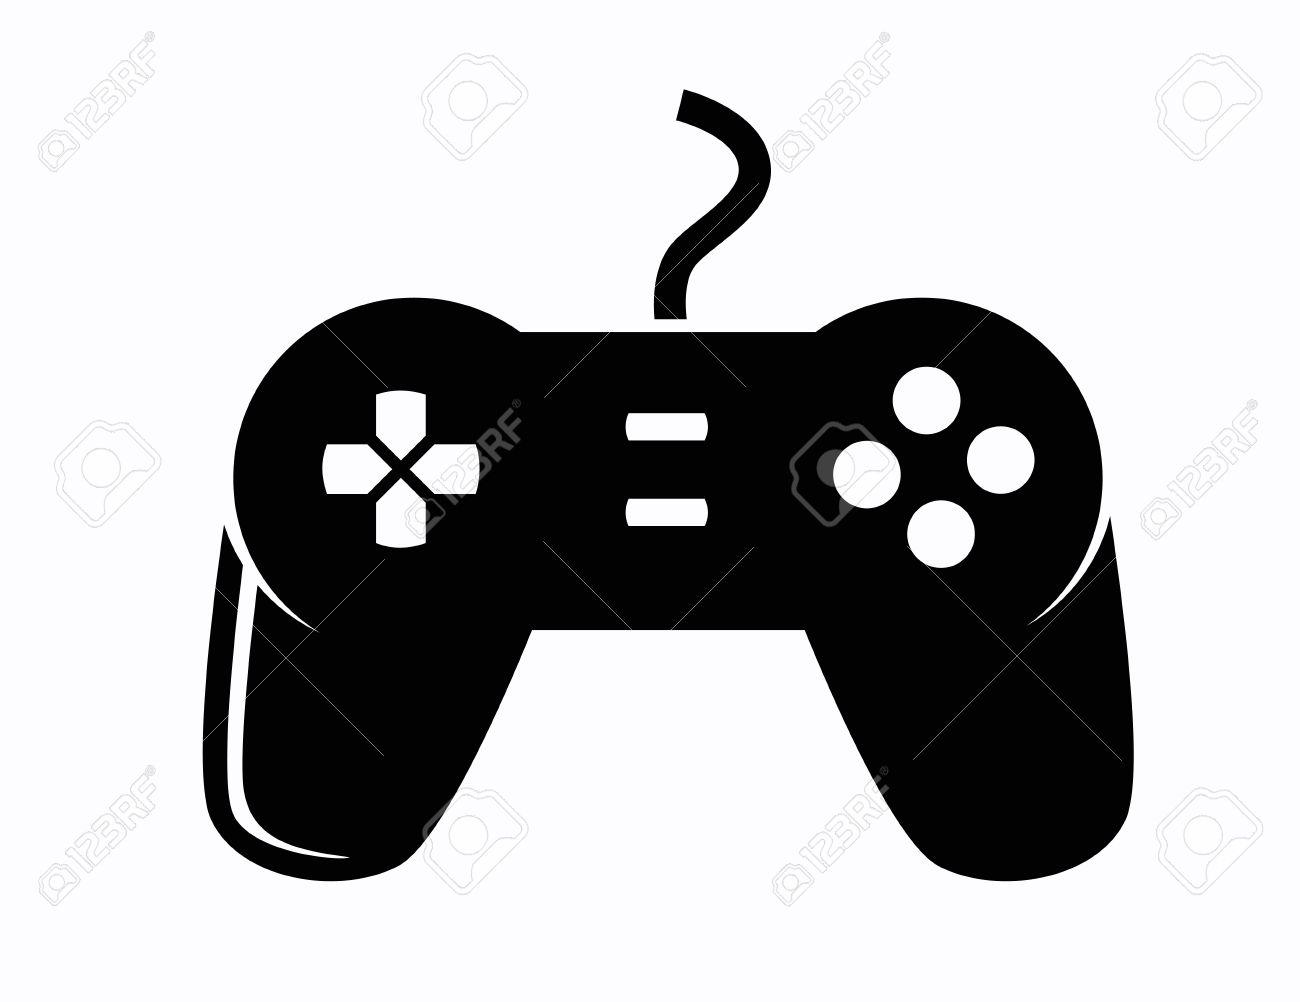 """Résultat de recherche d'images pour """"icône jeux vidéos"""""""